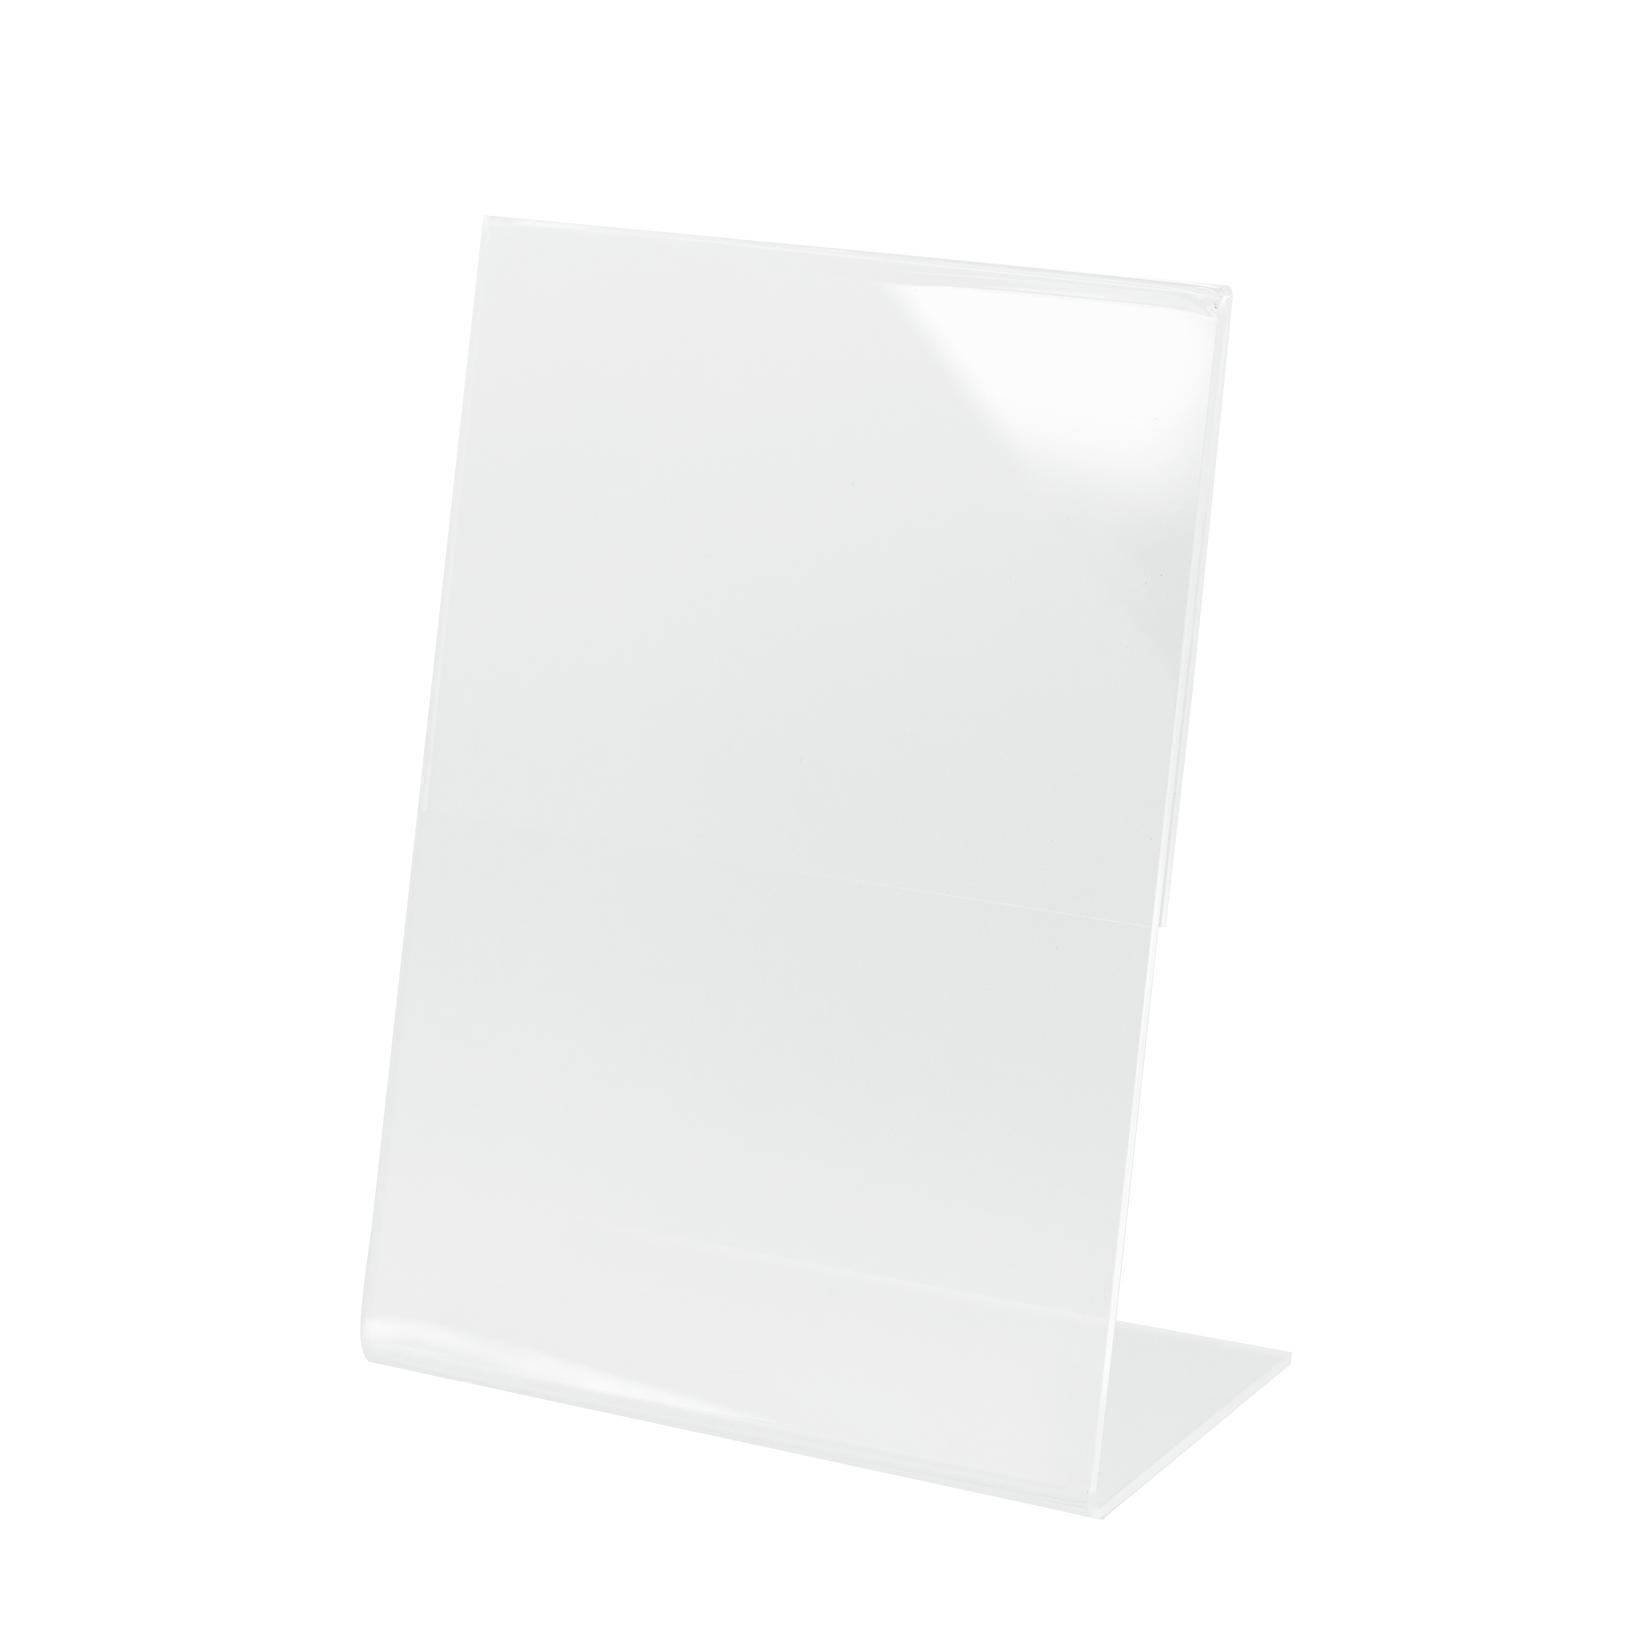 Kit Porta Preço Transparente 10x15cm - 10 Unidades